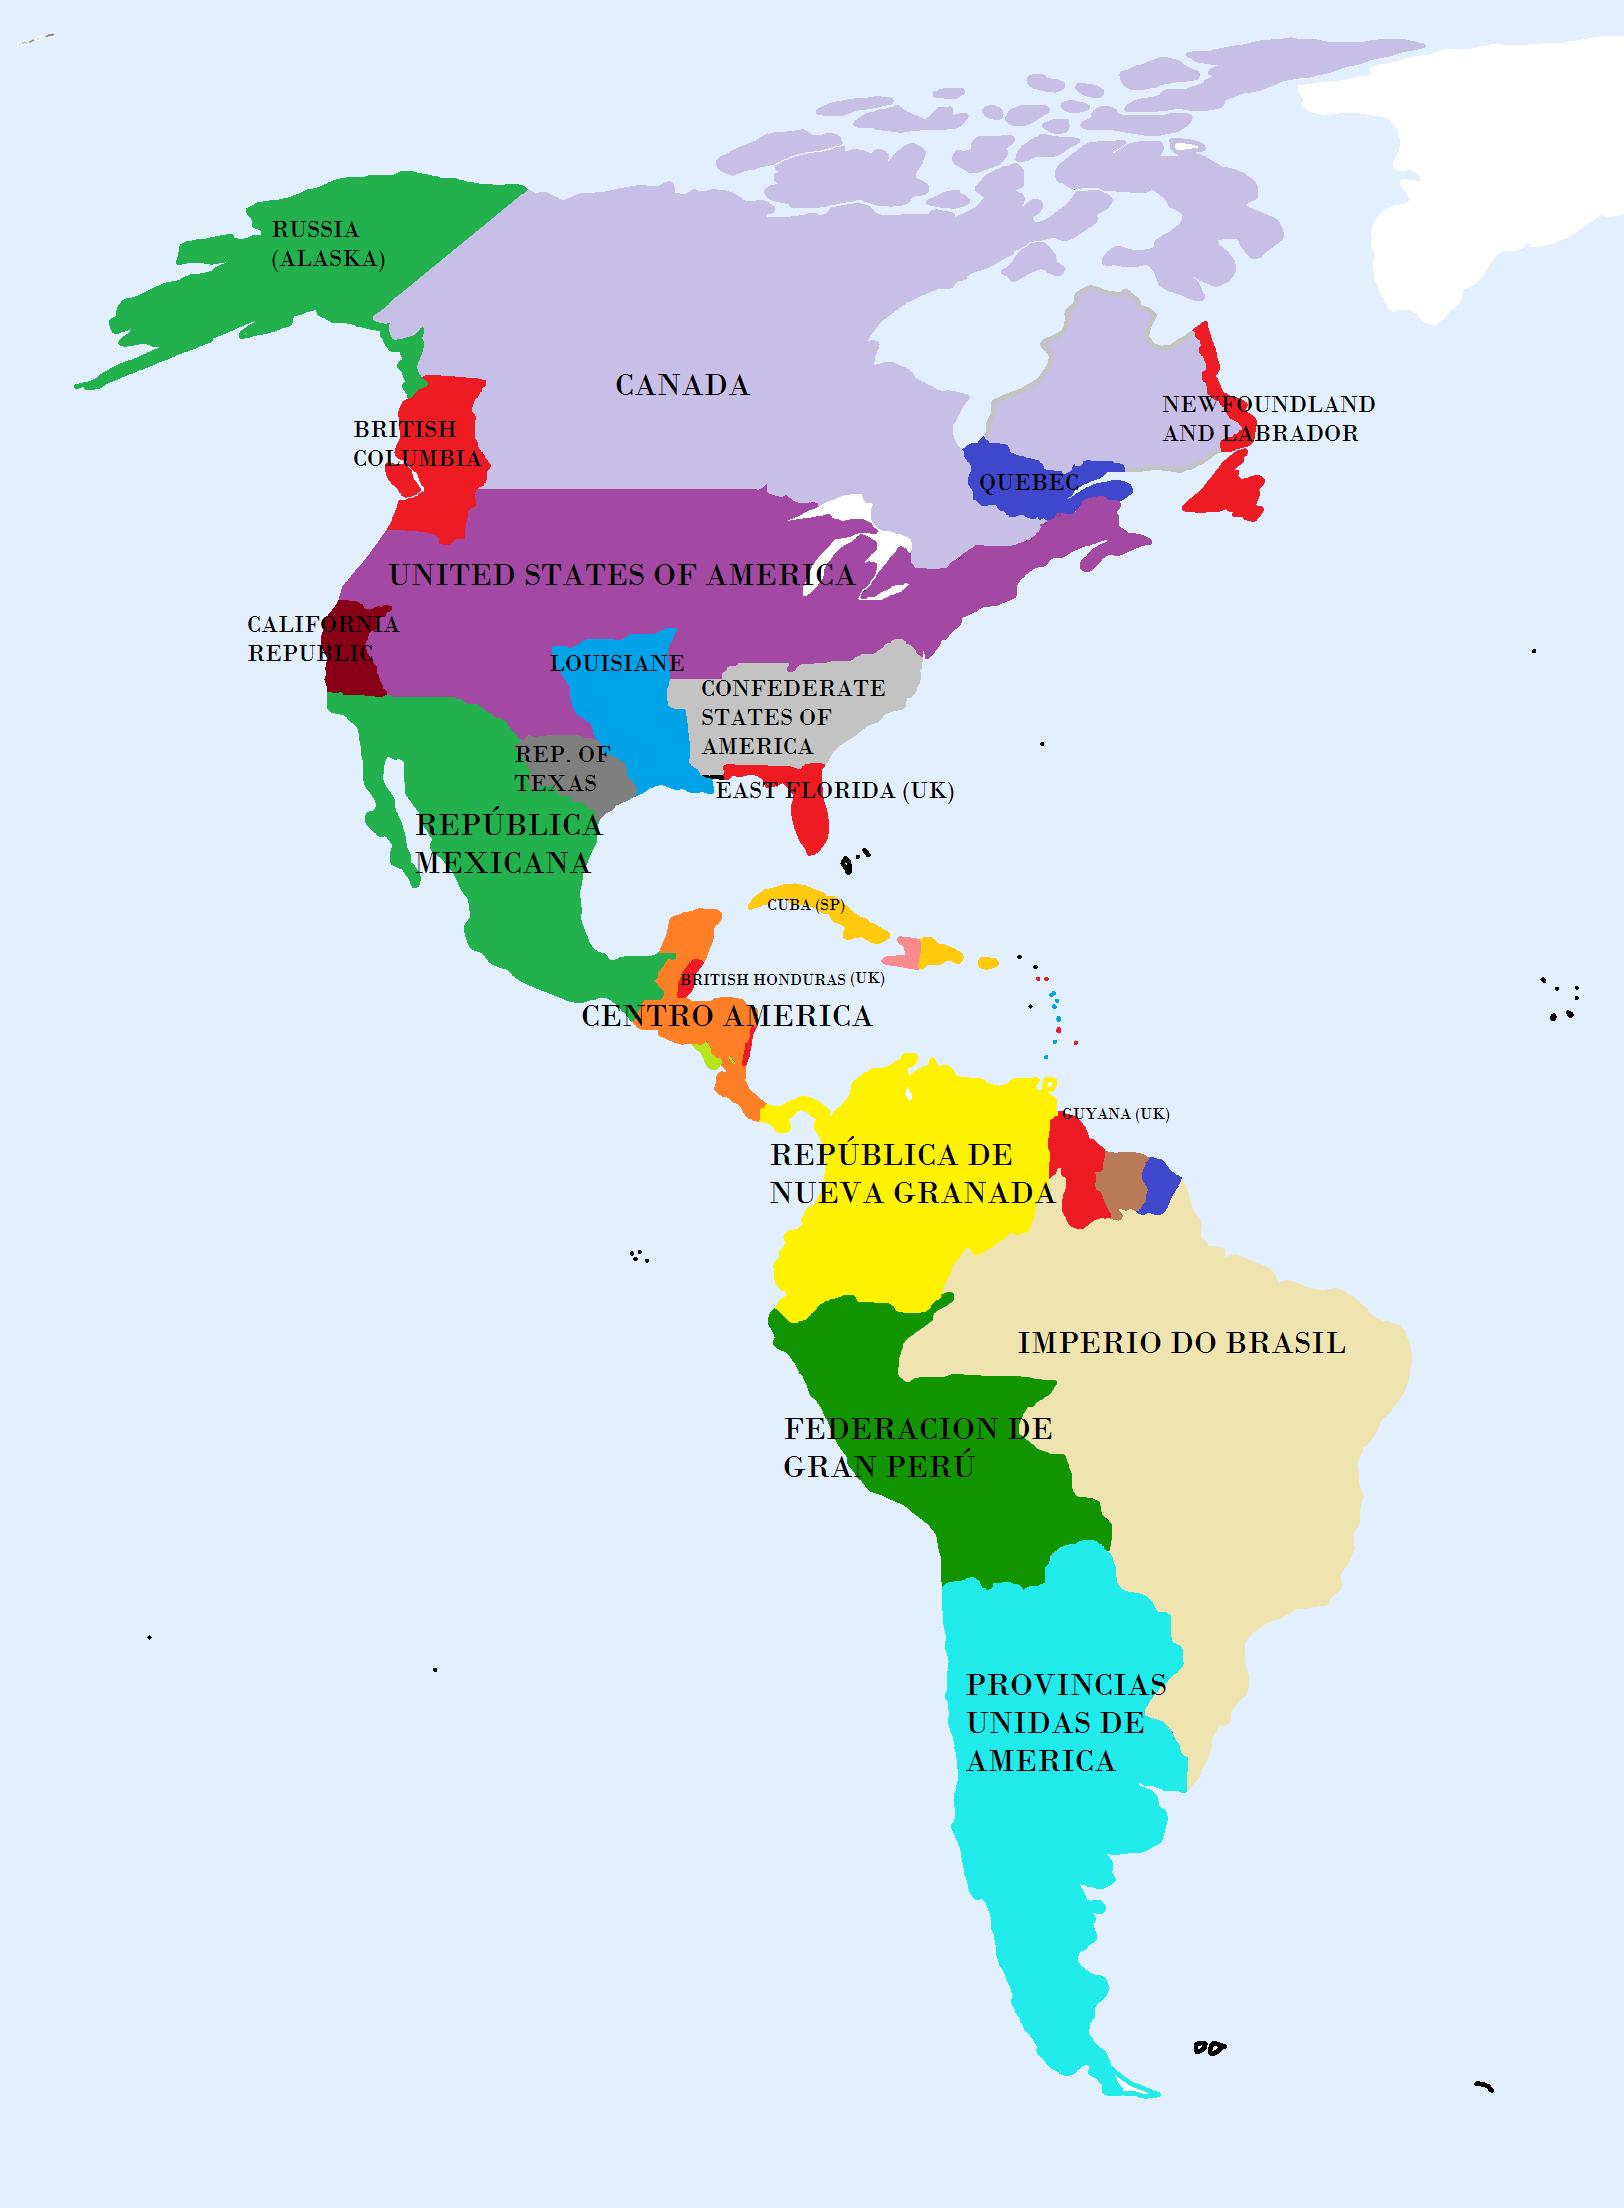 Imagenes de el mapa de america